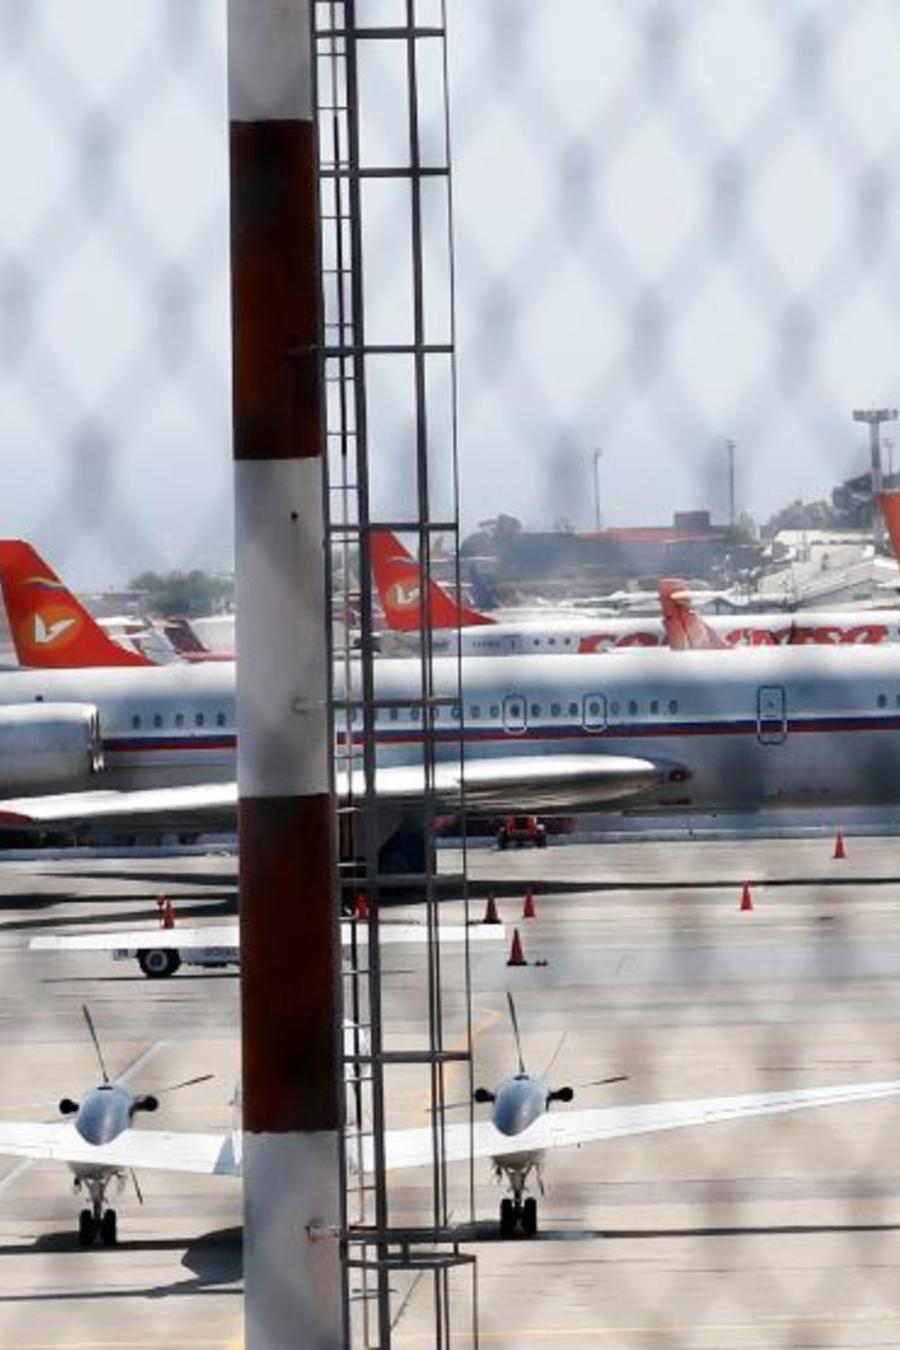 Un avión con la bandera rusa se ve en el Aeropuerto Internacional Simón Bolívar cerca de Caracas, Venezuela, 24 de marzo de 2019.